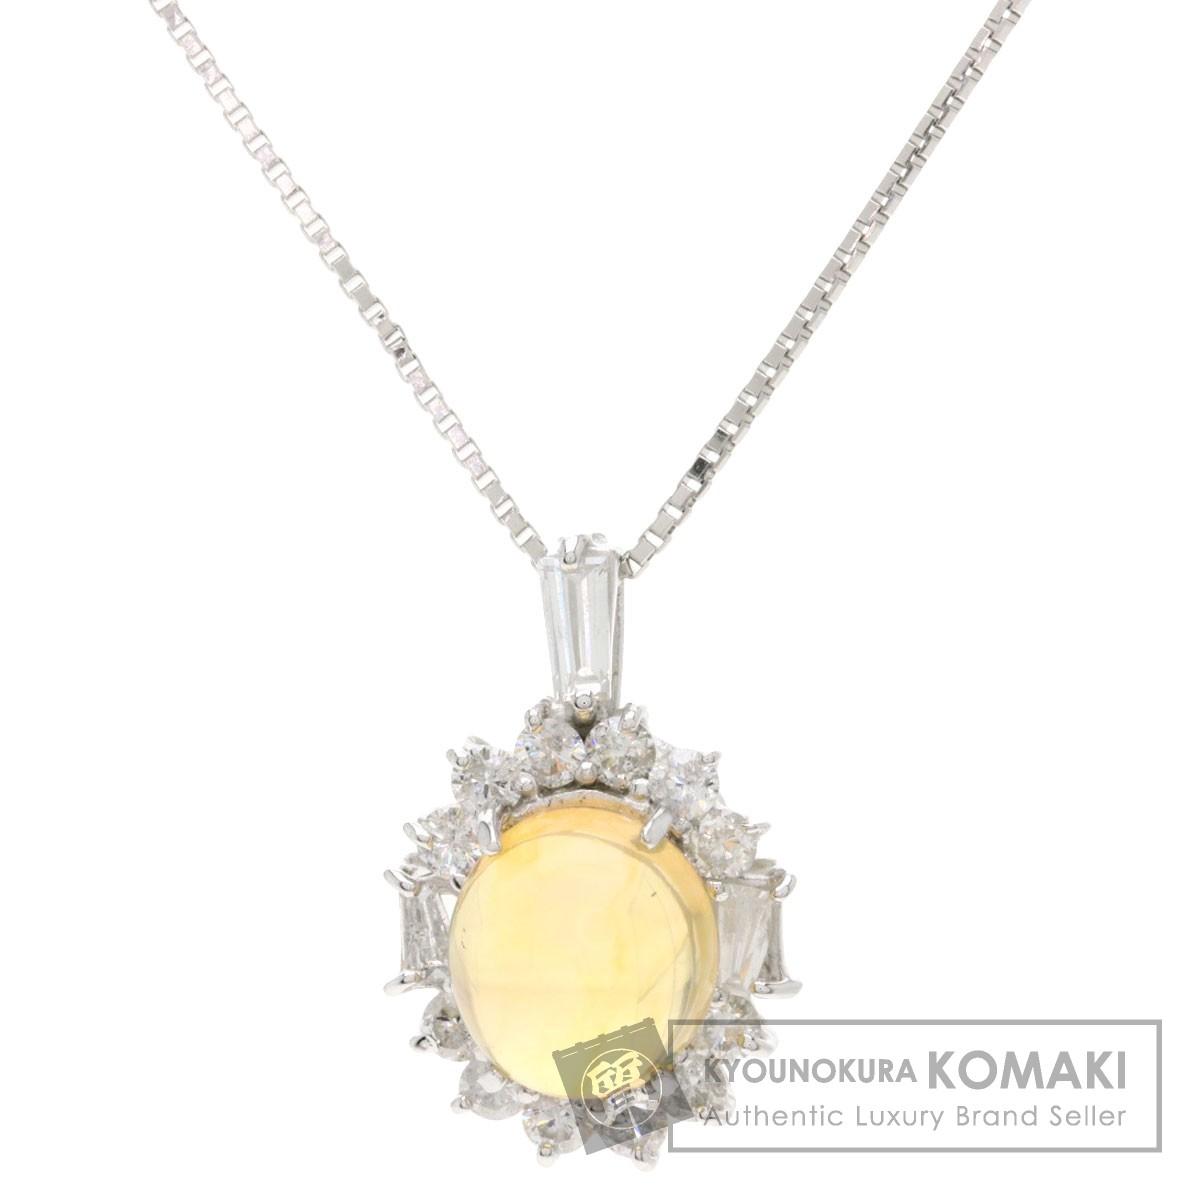 1.41ct オパール ダイヤモンド ネックレス プラチナPT850/K18WG 3.8g レディース 【中古】